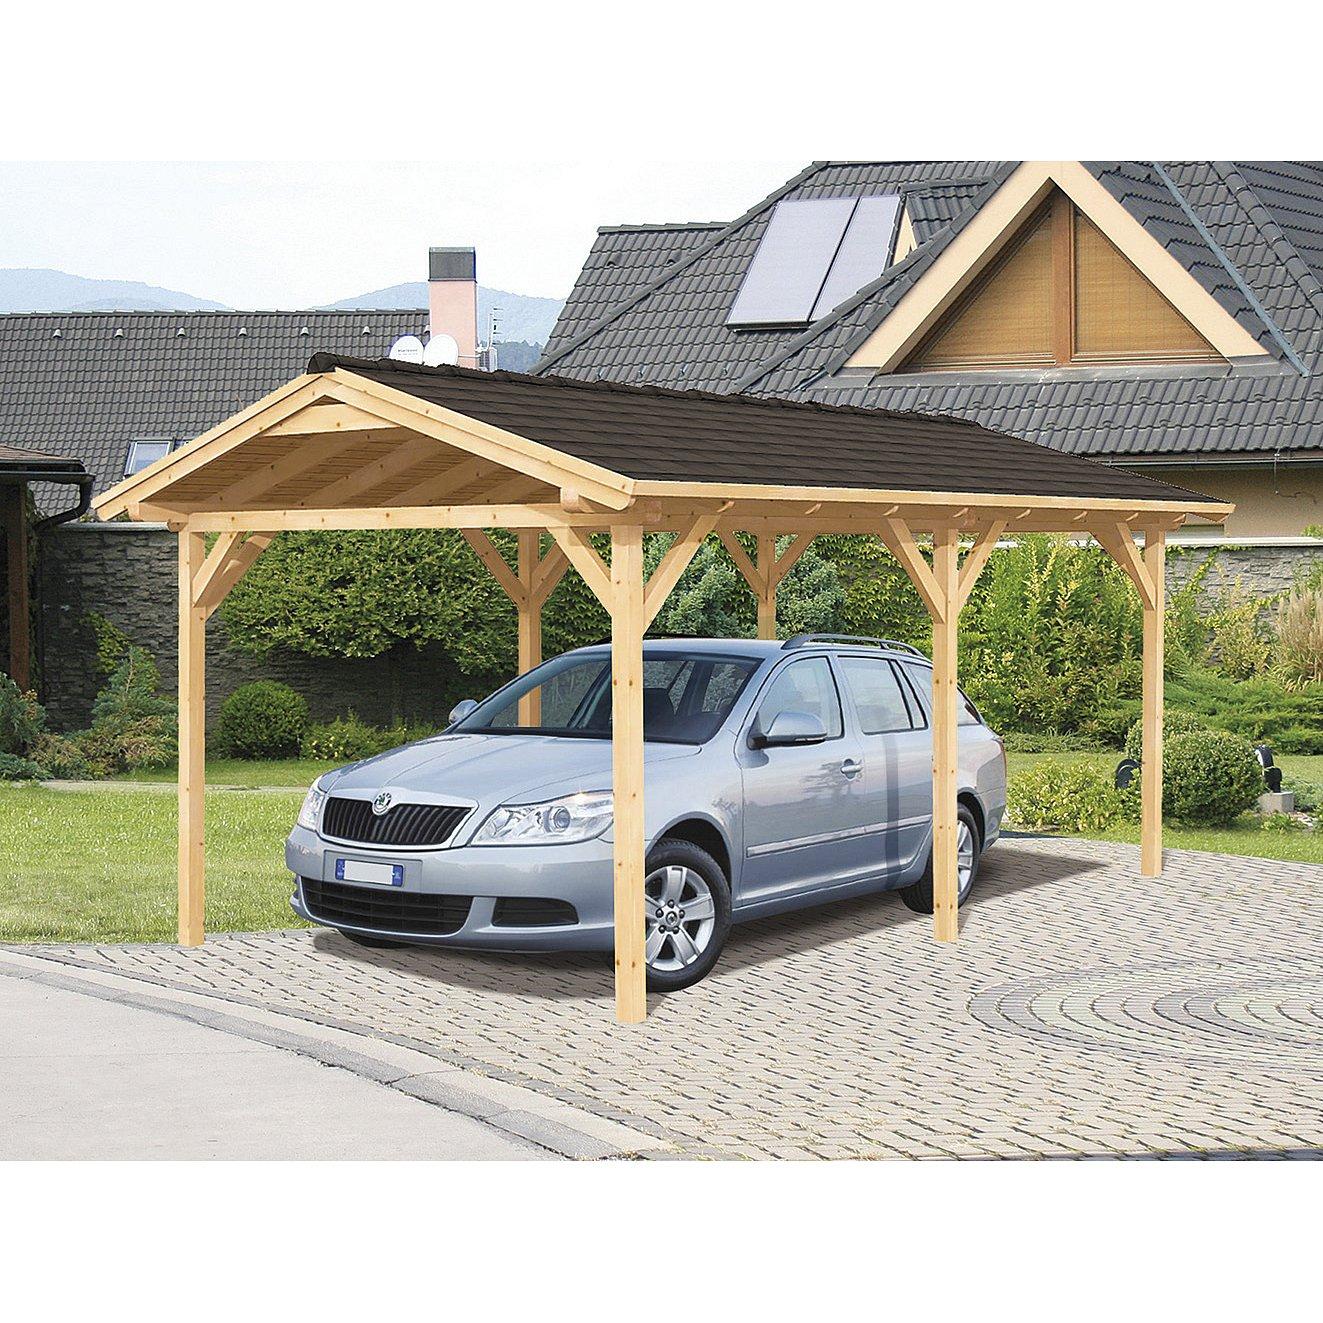 Garážové stání Carport Drive 320x510 28mm